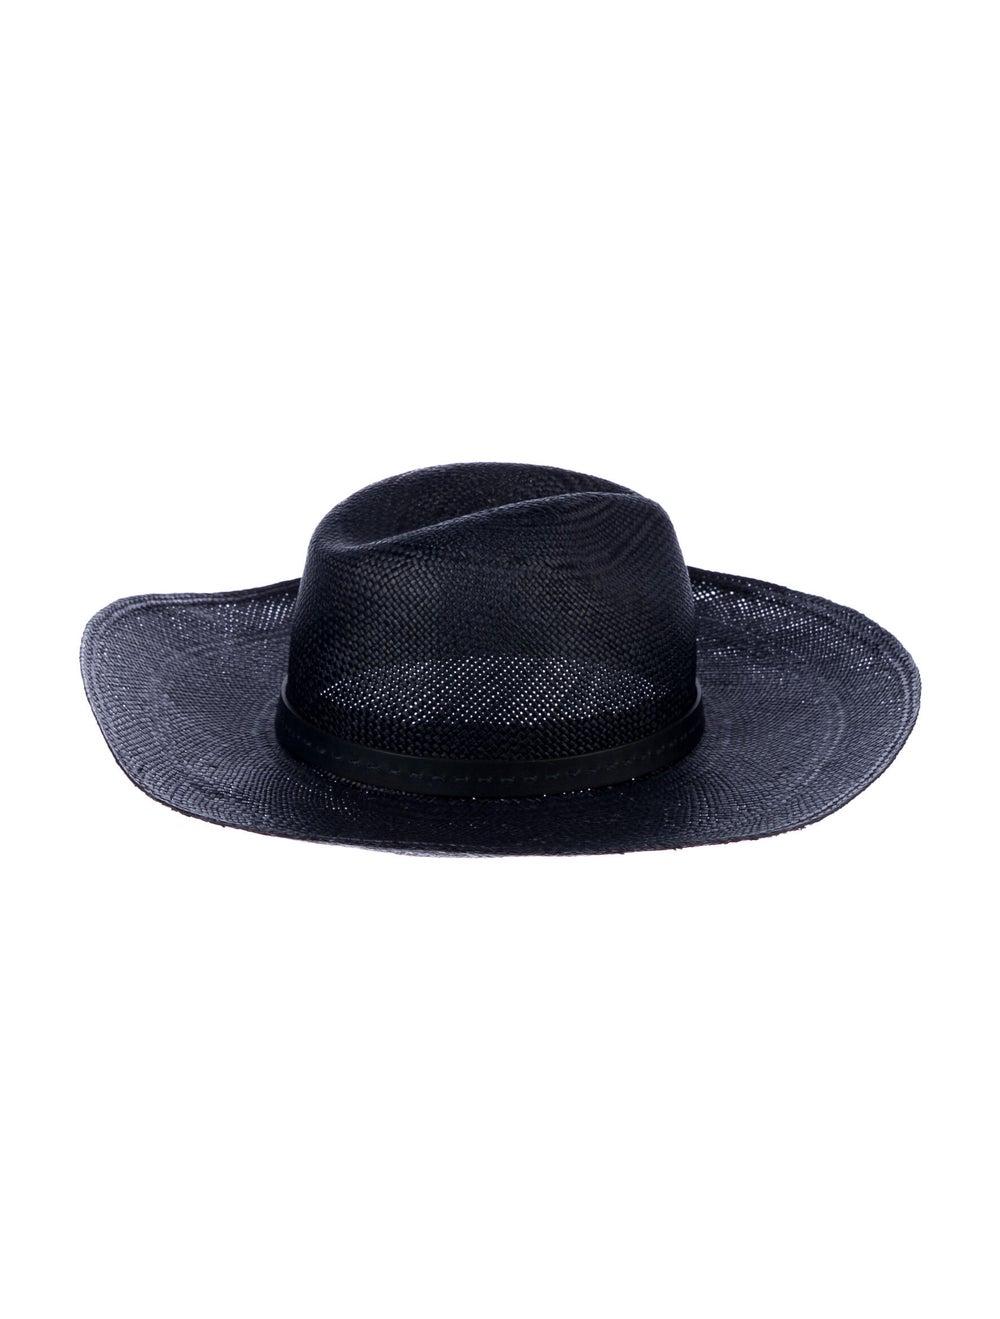 Gucci Straw Wide Brim Hat Navy - image 2